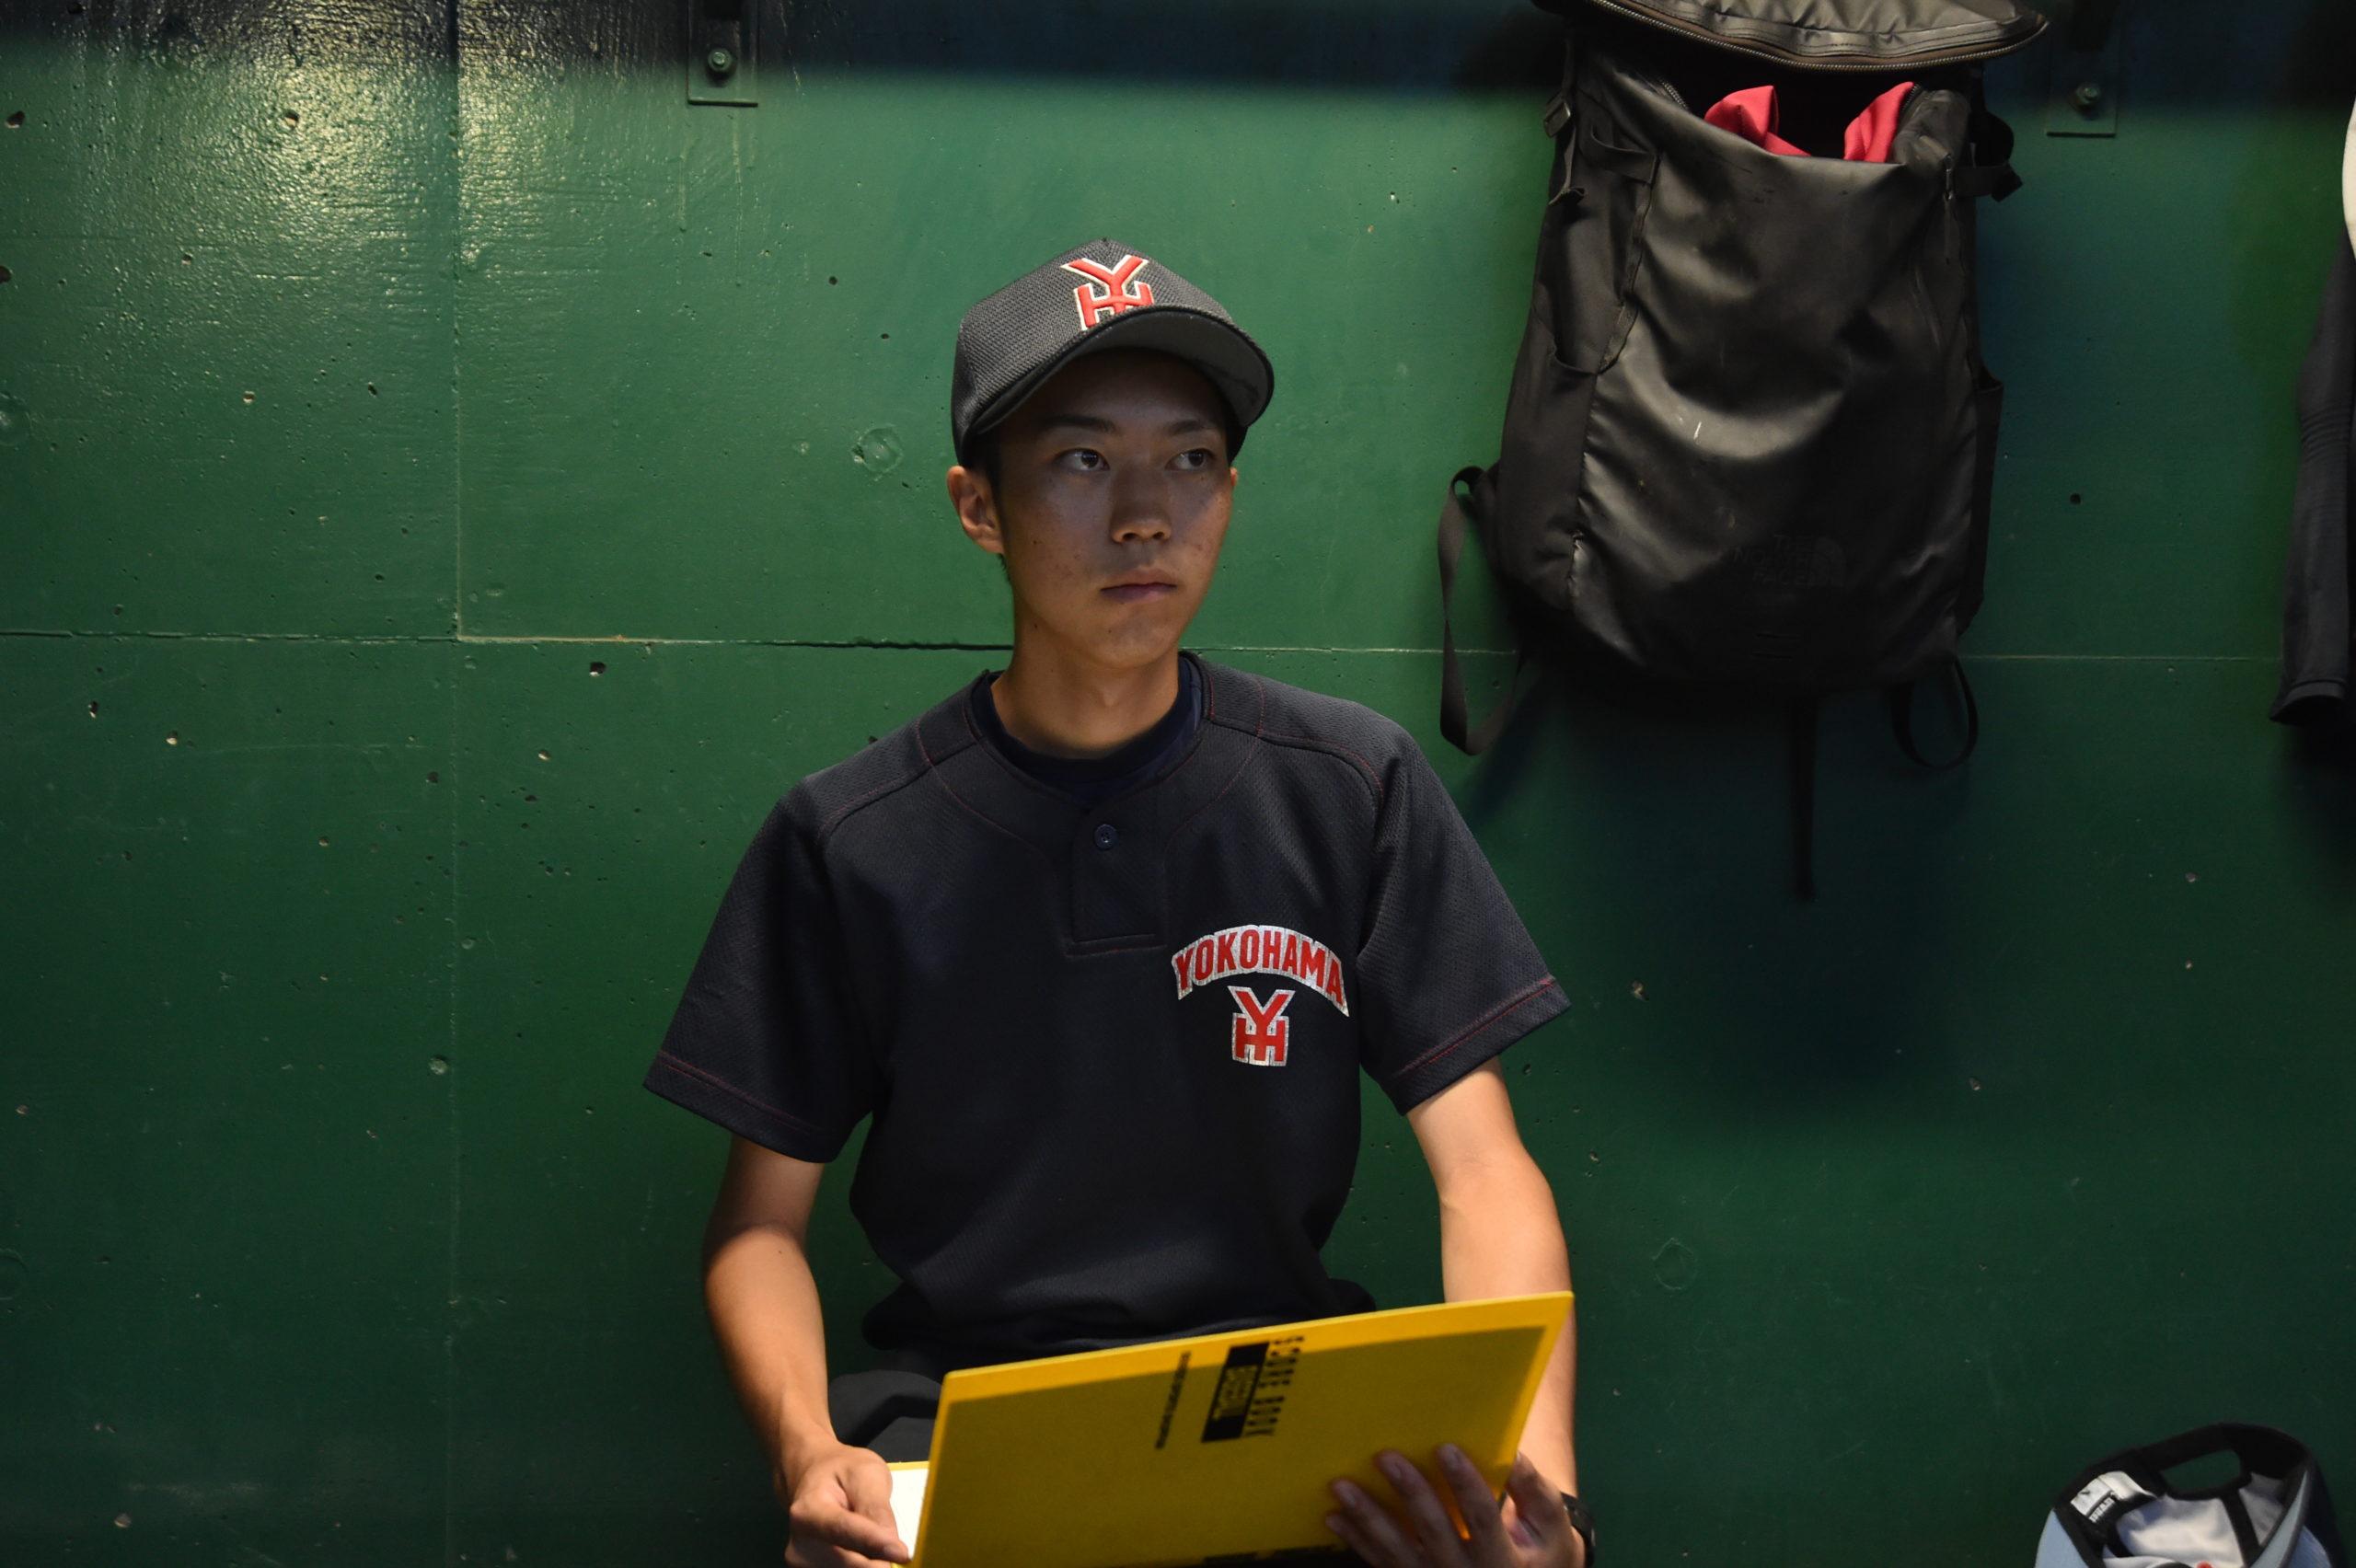 横浜  /  折笠仁樹(3年)名門支える男子マネージャー    コラム #横浜高校